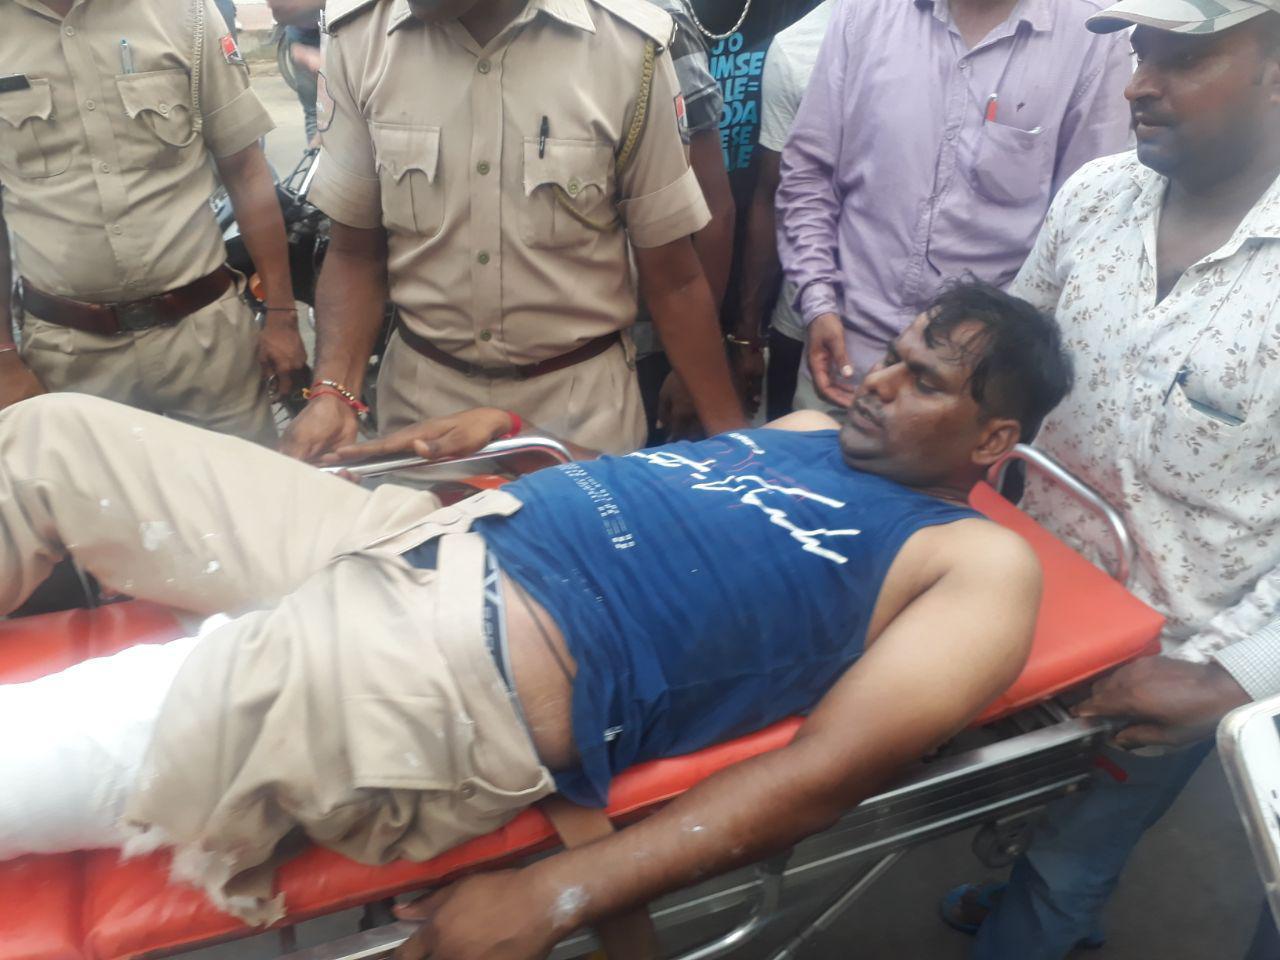 watch जयपुर में पुलिस और बदमाशों में मुठभेड़, दो पुलिसकर्मियों को लगी गोली...देखे video